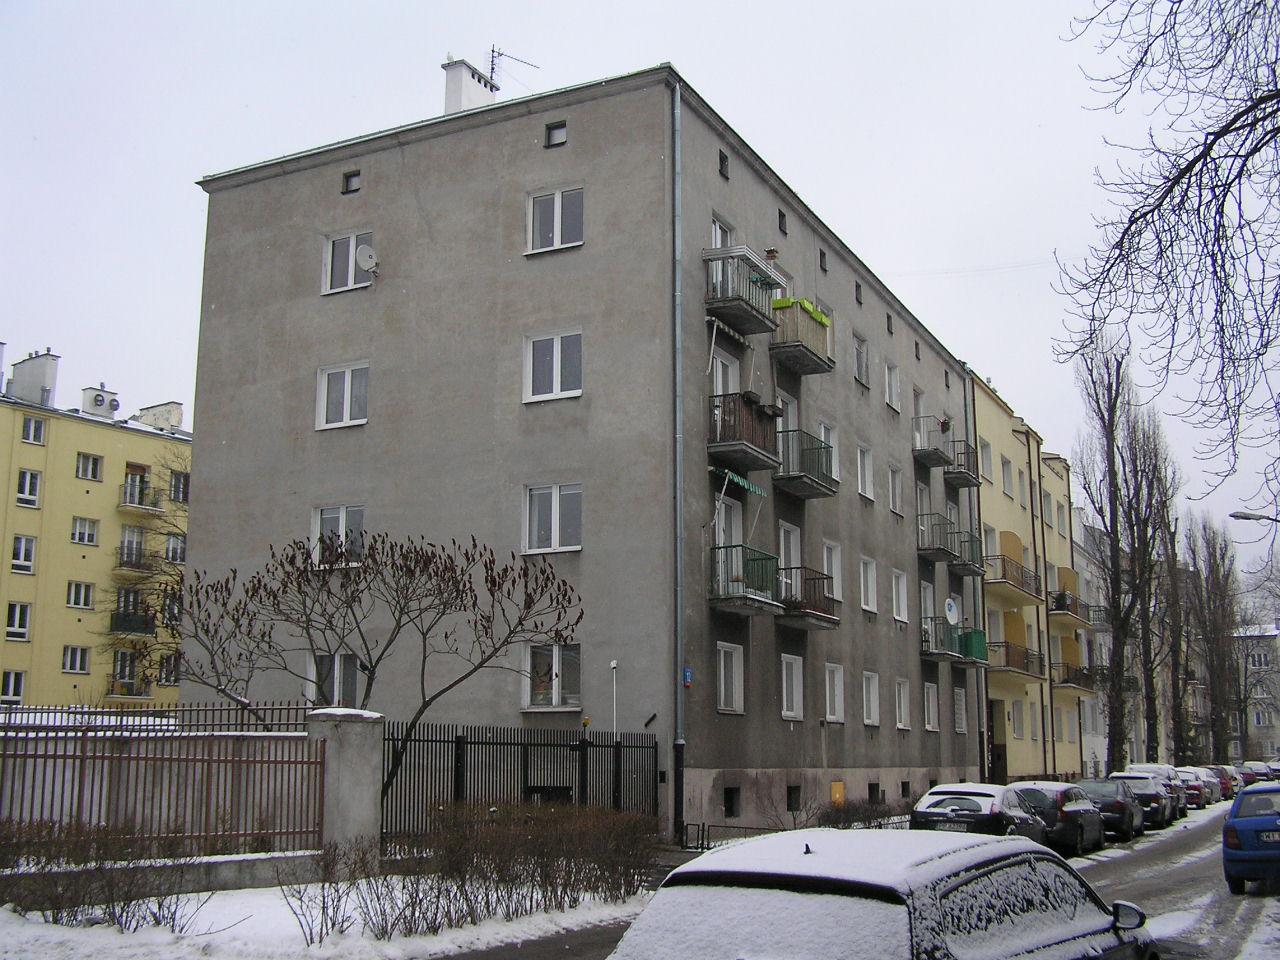 Budynek przy ulicy Dobrowoja 12 na Grochowie